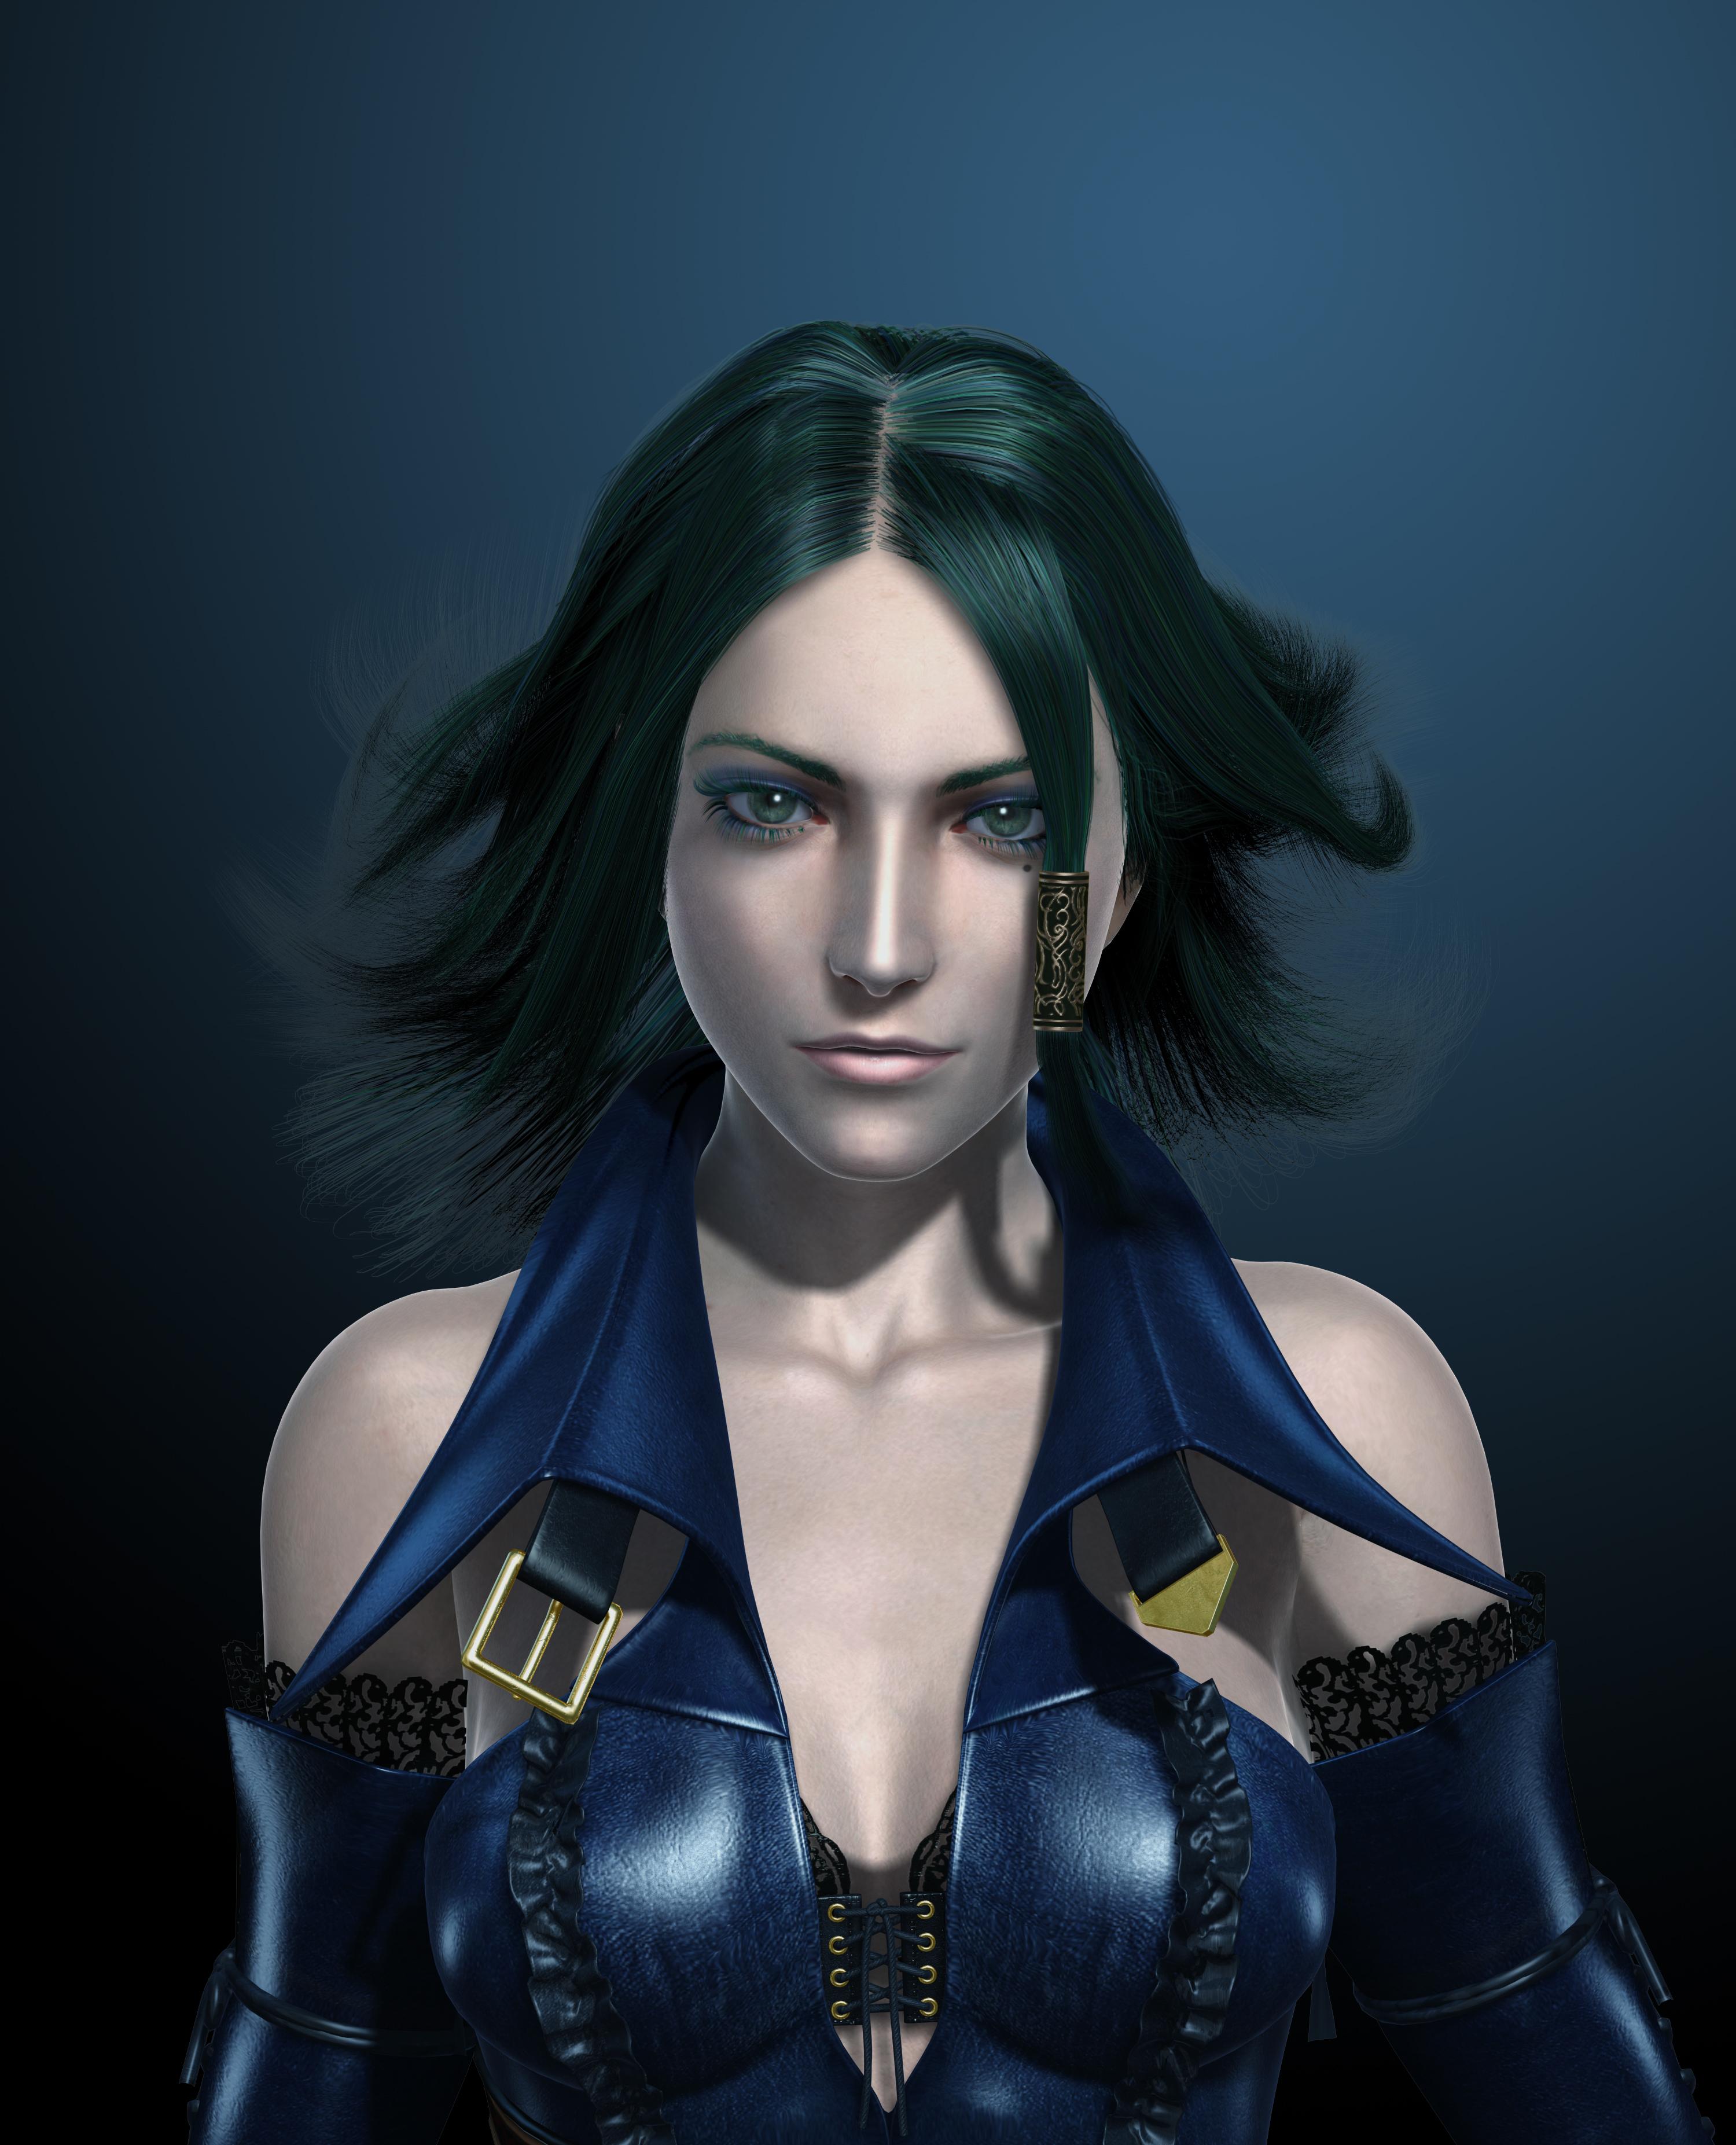 Рисованные девушки из компьютерных игр 4 фотография